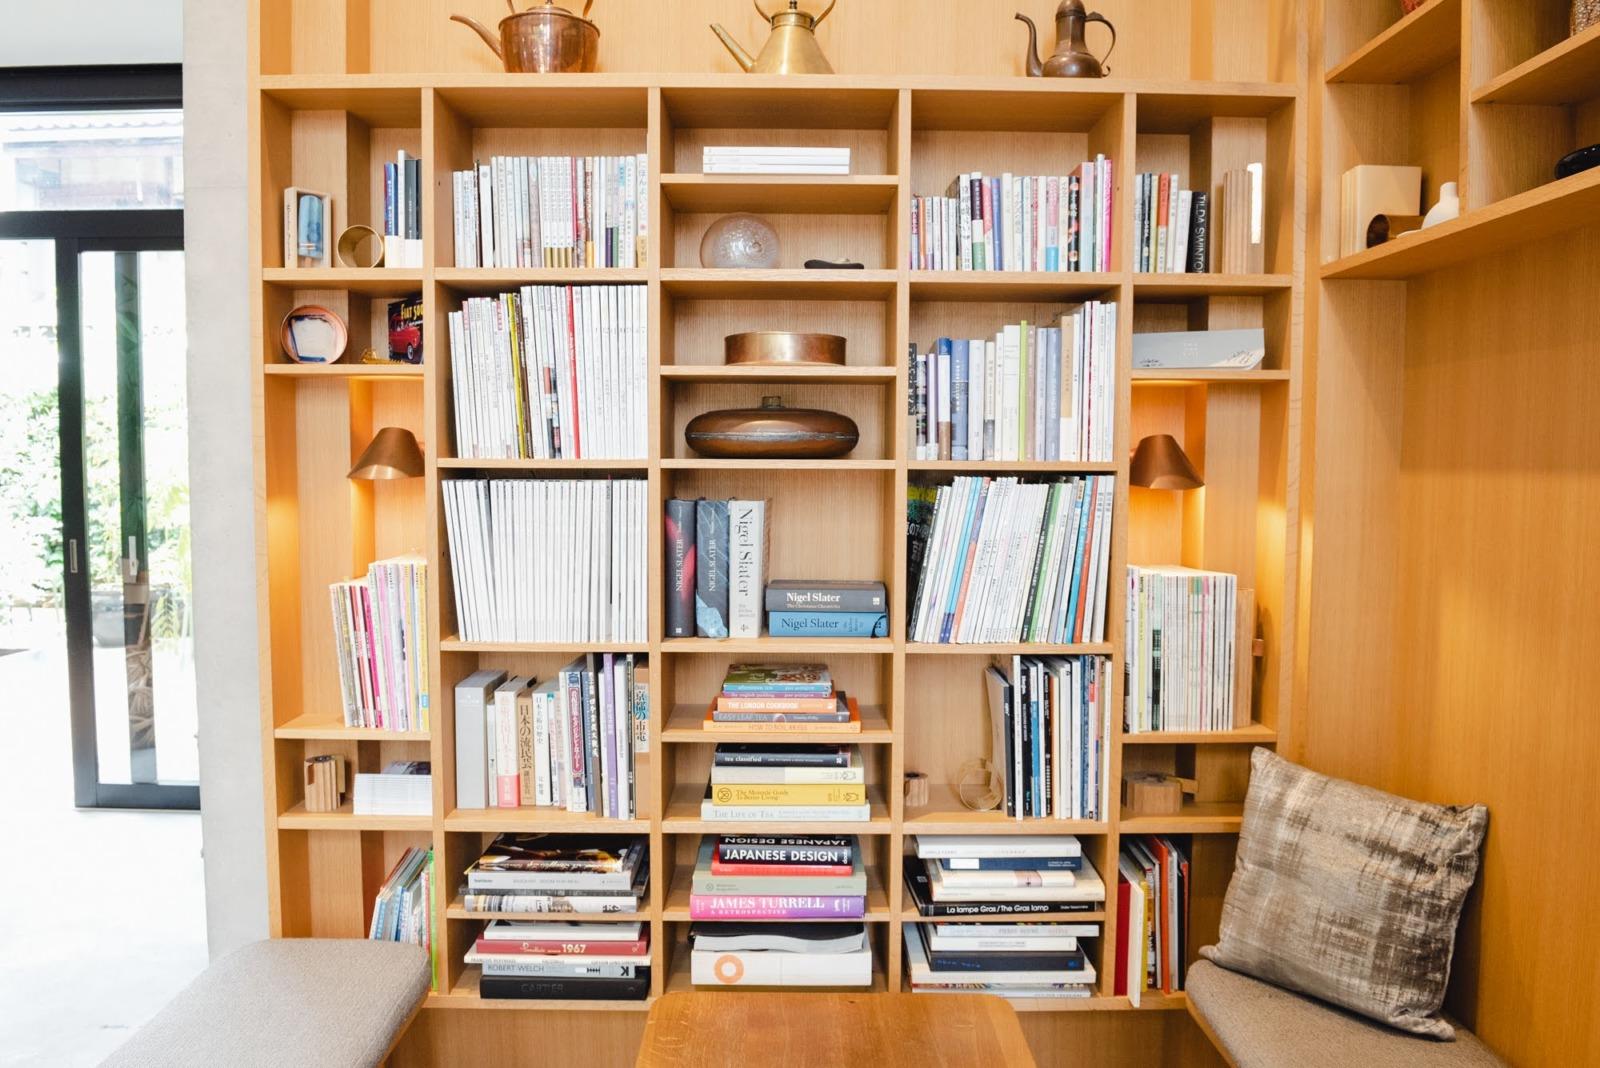 連綿と続く開化堂の歴史とご縁が凝縮された本棚